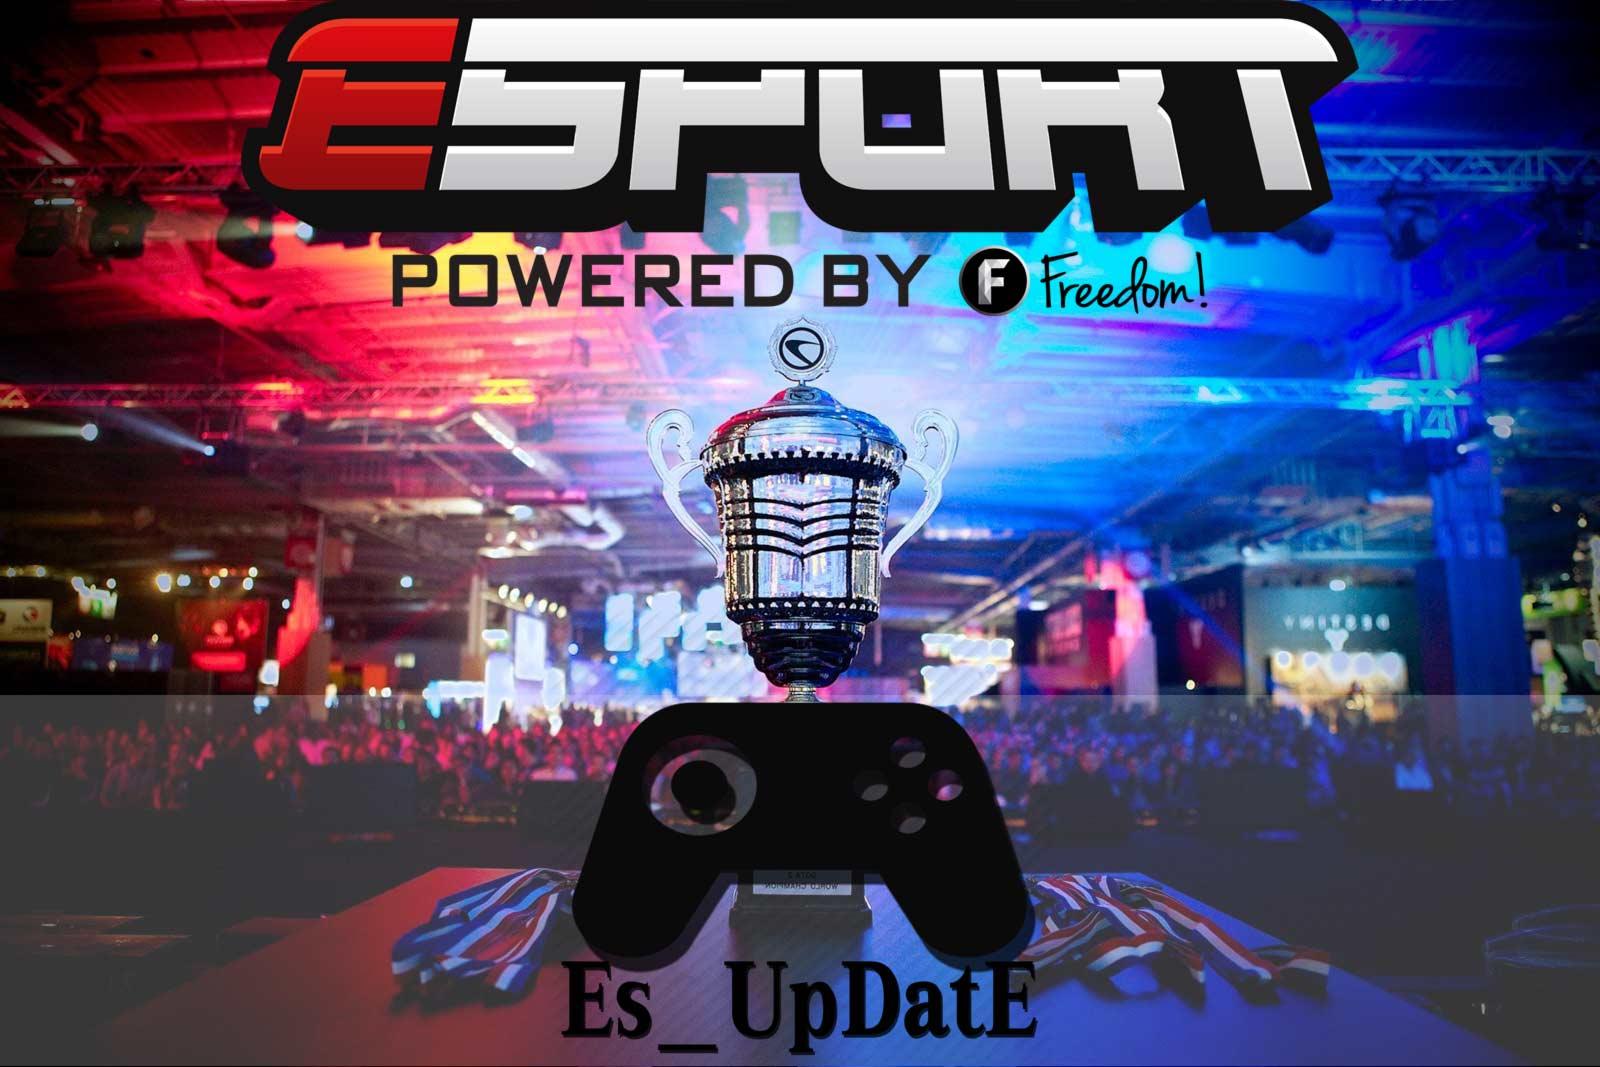 ภาพ ES 1